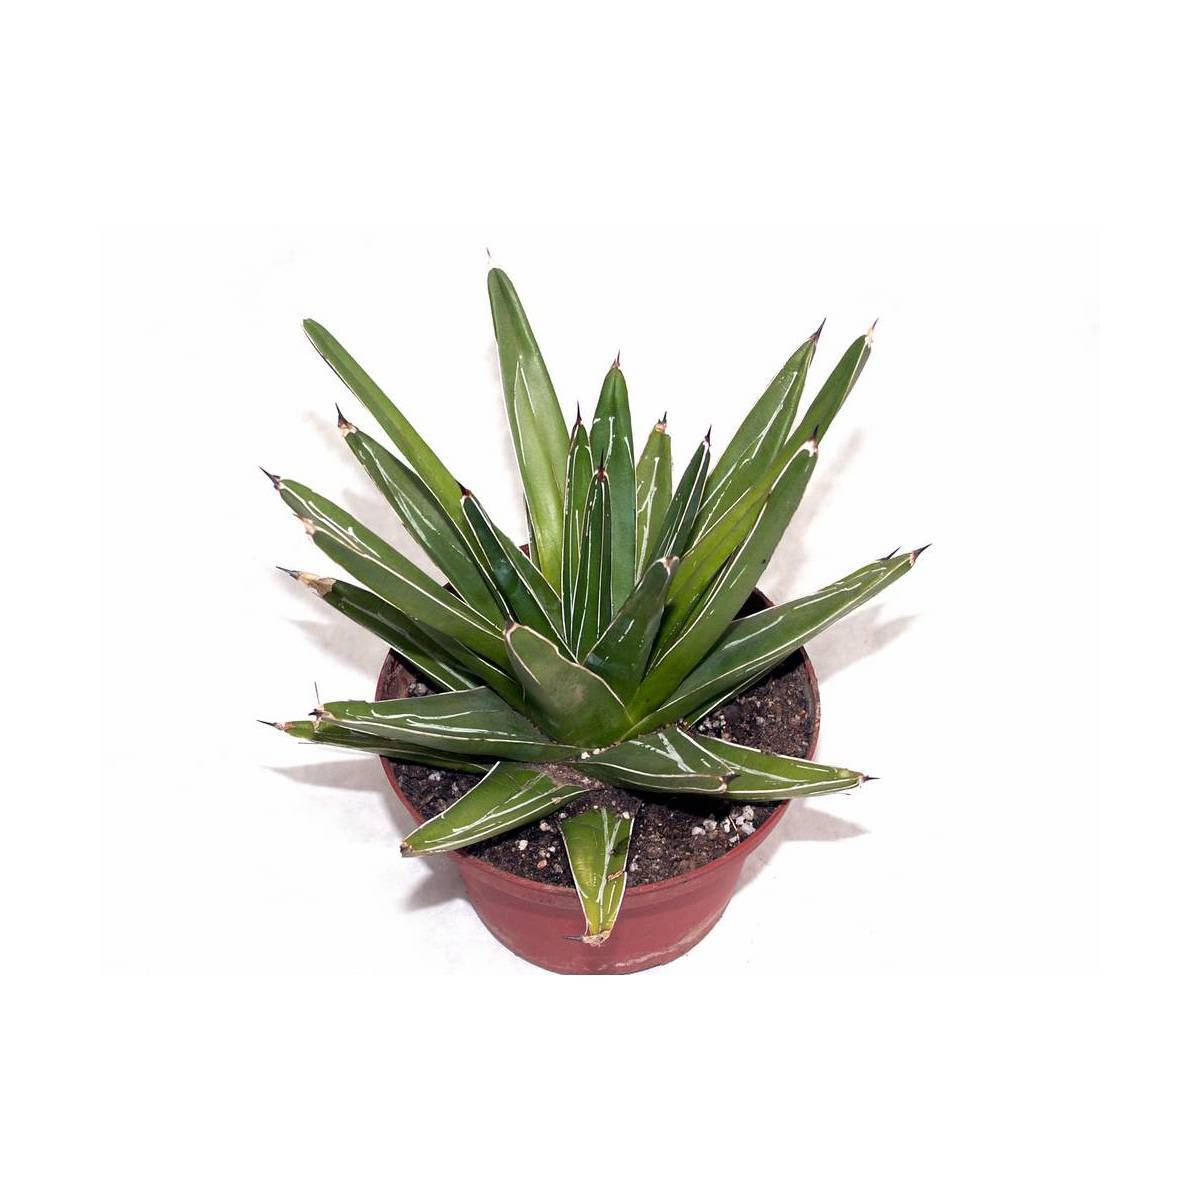 Комнатное растение агава: голубая, каса, американская, королевы виктории